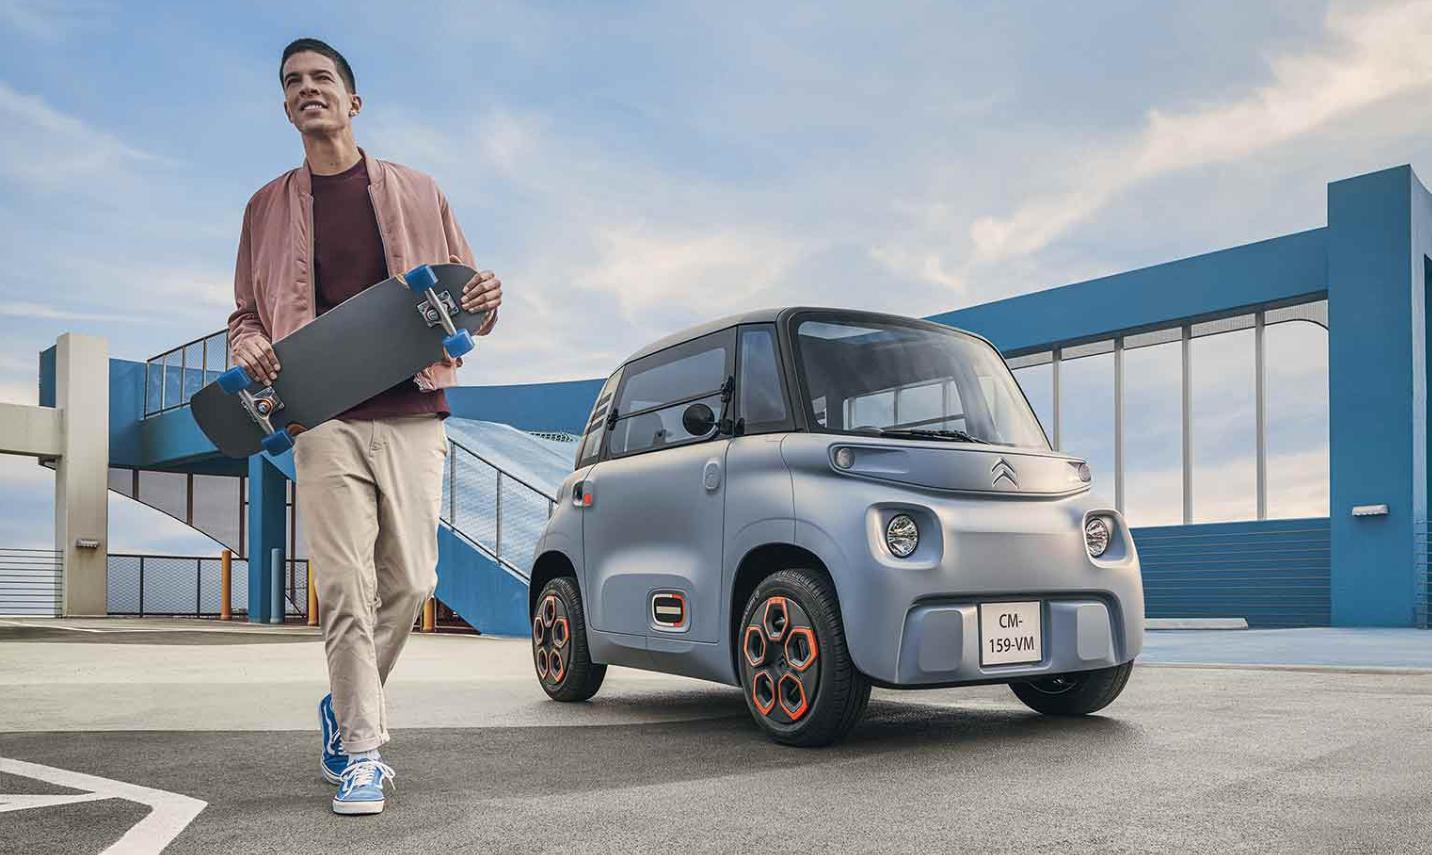 El Citroen Ami eléctrico llega a EU: cuesta 6,000 dólares y vas a poder alquilarlo